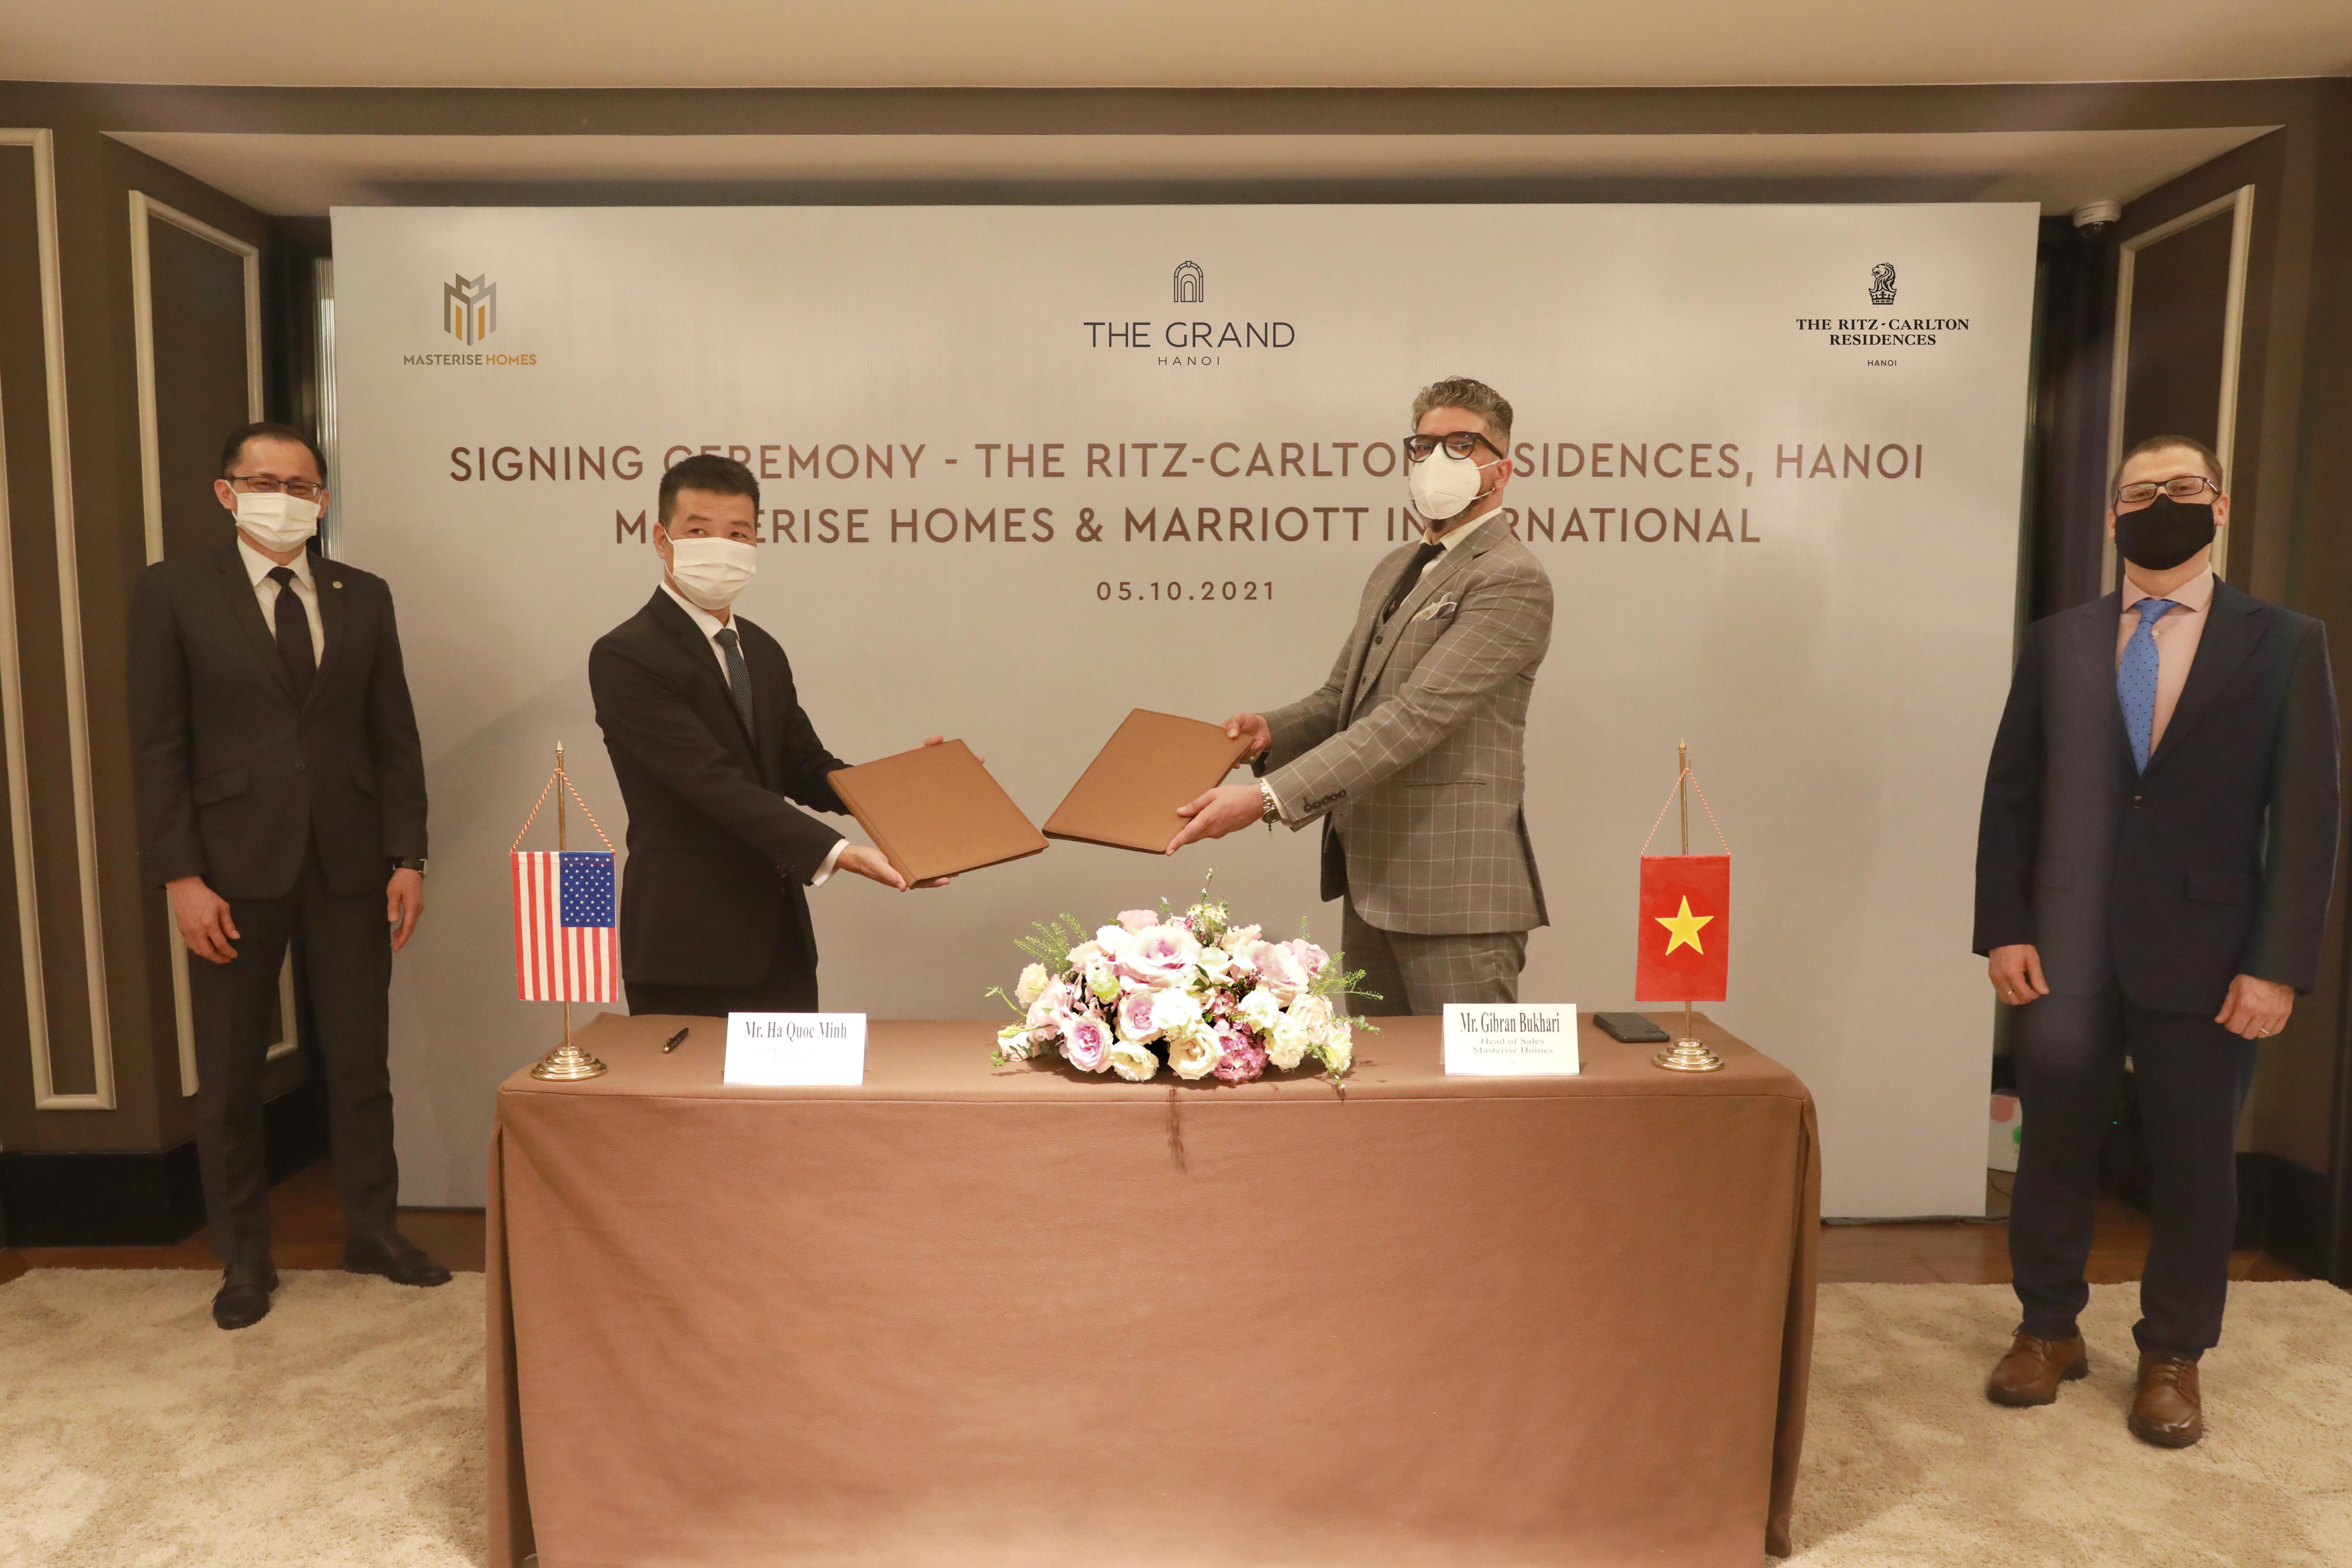 Masterise Homes và Marriott International chính thức hợp tác mang dự án Khu căn hộ hàng hiệu Ritz-Carlton đến Hà Nội - ghi dấu sự xuất hiện lần đầu tiên của thương hiệu Ritz-Carlton ở Việt Nam.